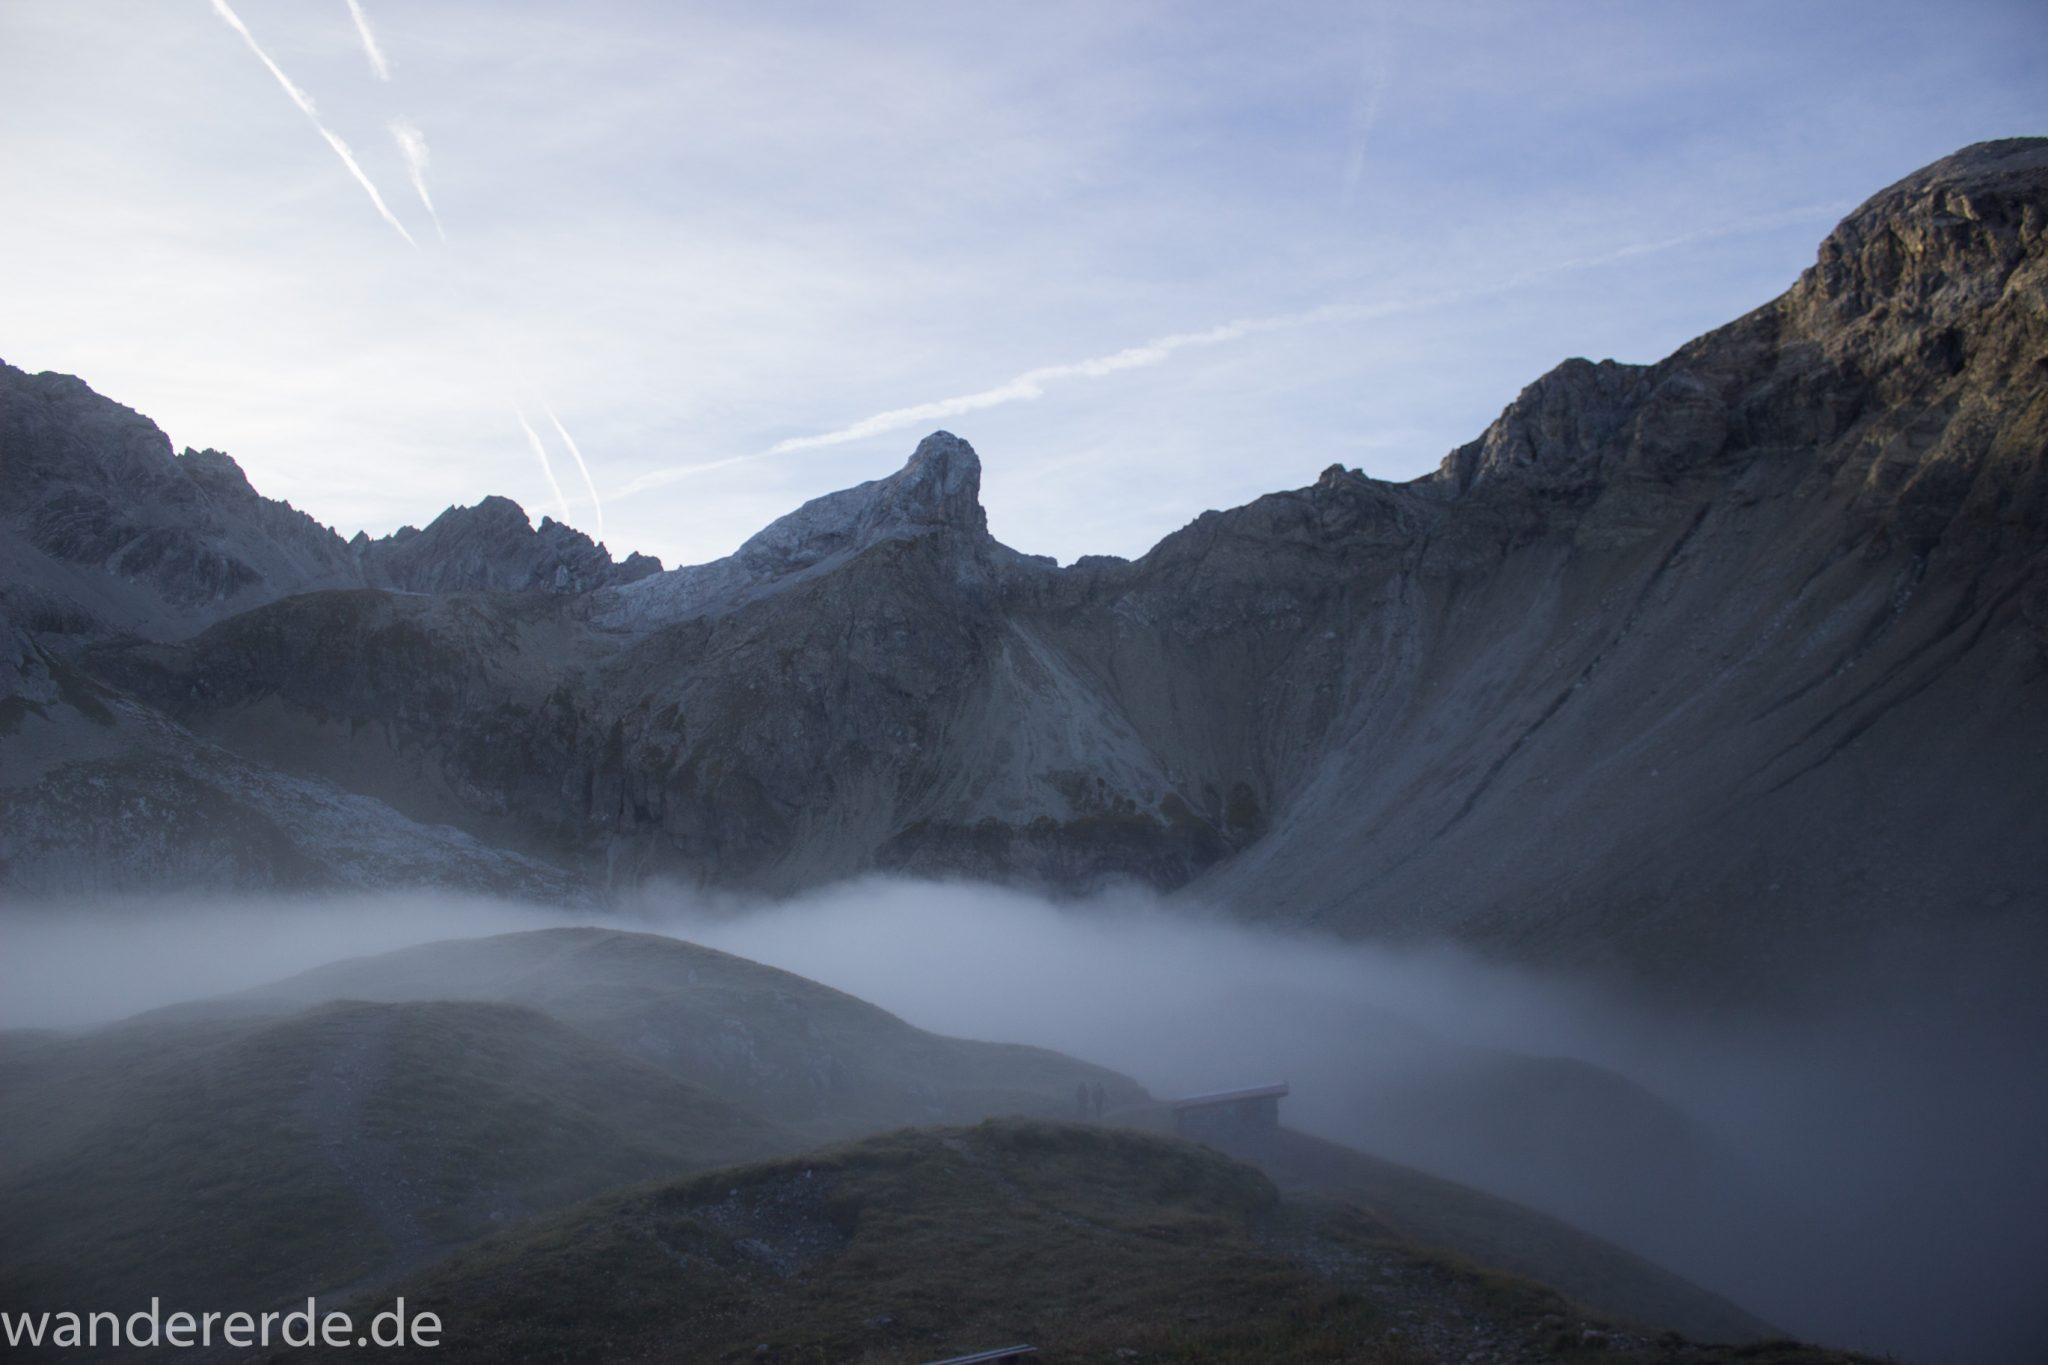 Alpenüberquerung Fernwanderweg E5 Oberstdorf Meran, 3. Etappe von Memminger Hütte zur Skihütte Zams, Berge sind am frühen Morgen noch in Nebel getaucht, aber die Sonne scheint, herrliches Wetter zum Wandern, E5 Wanderweg führt zu Beginn der dritten Etappe ab der Memminger Hütte über steilen und ausgesetzten Wanderweg über die Seescharte